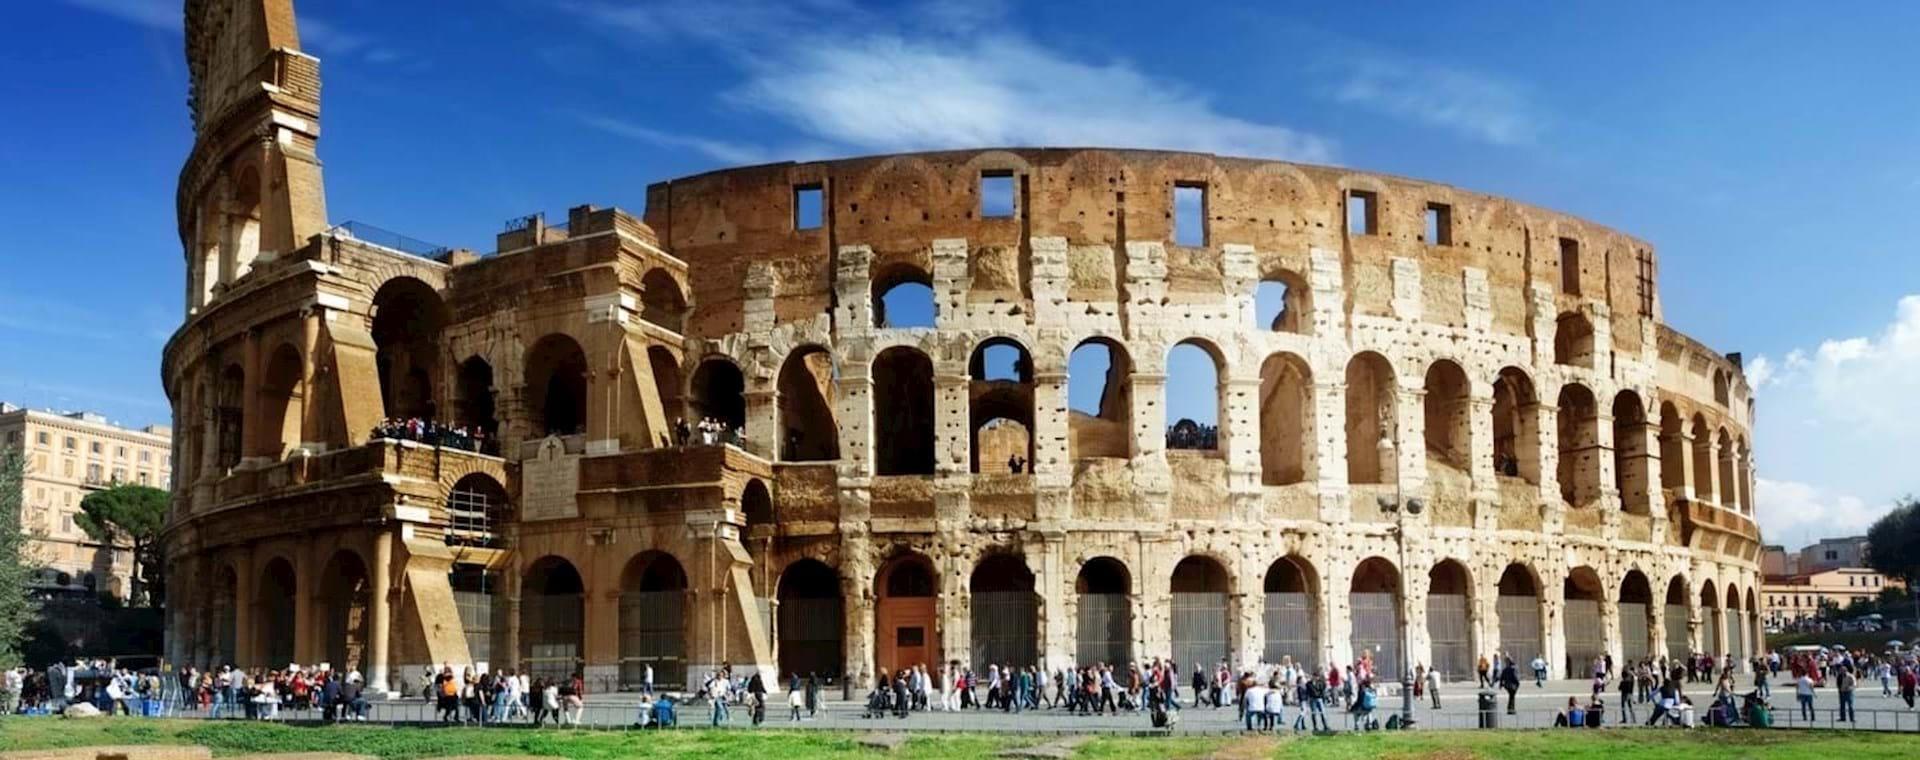 Visita Guiada ao Coliseu & à Roma Antiga incluindo o Fórum Romano & o Monte Palatino